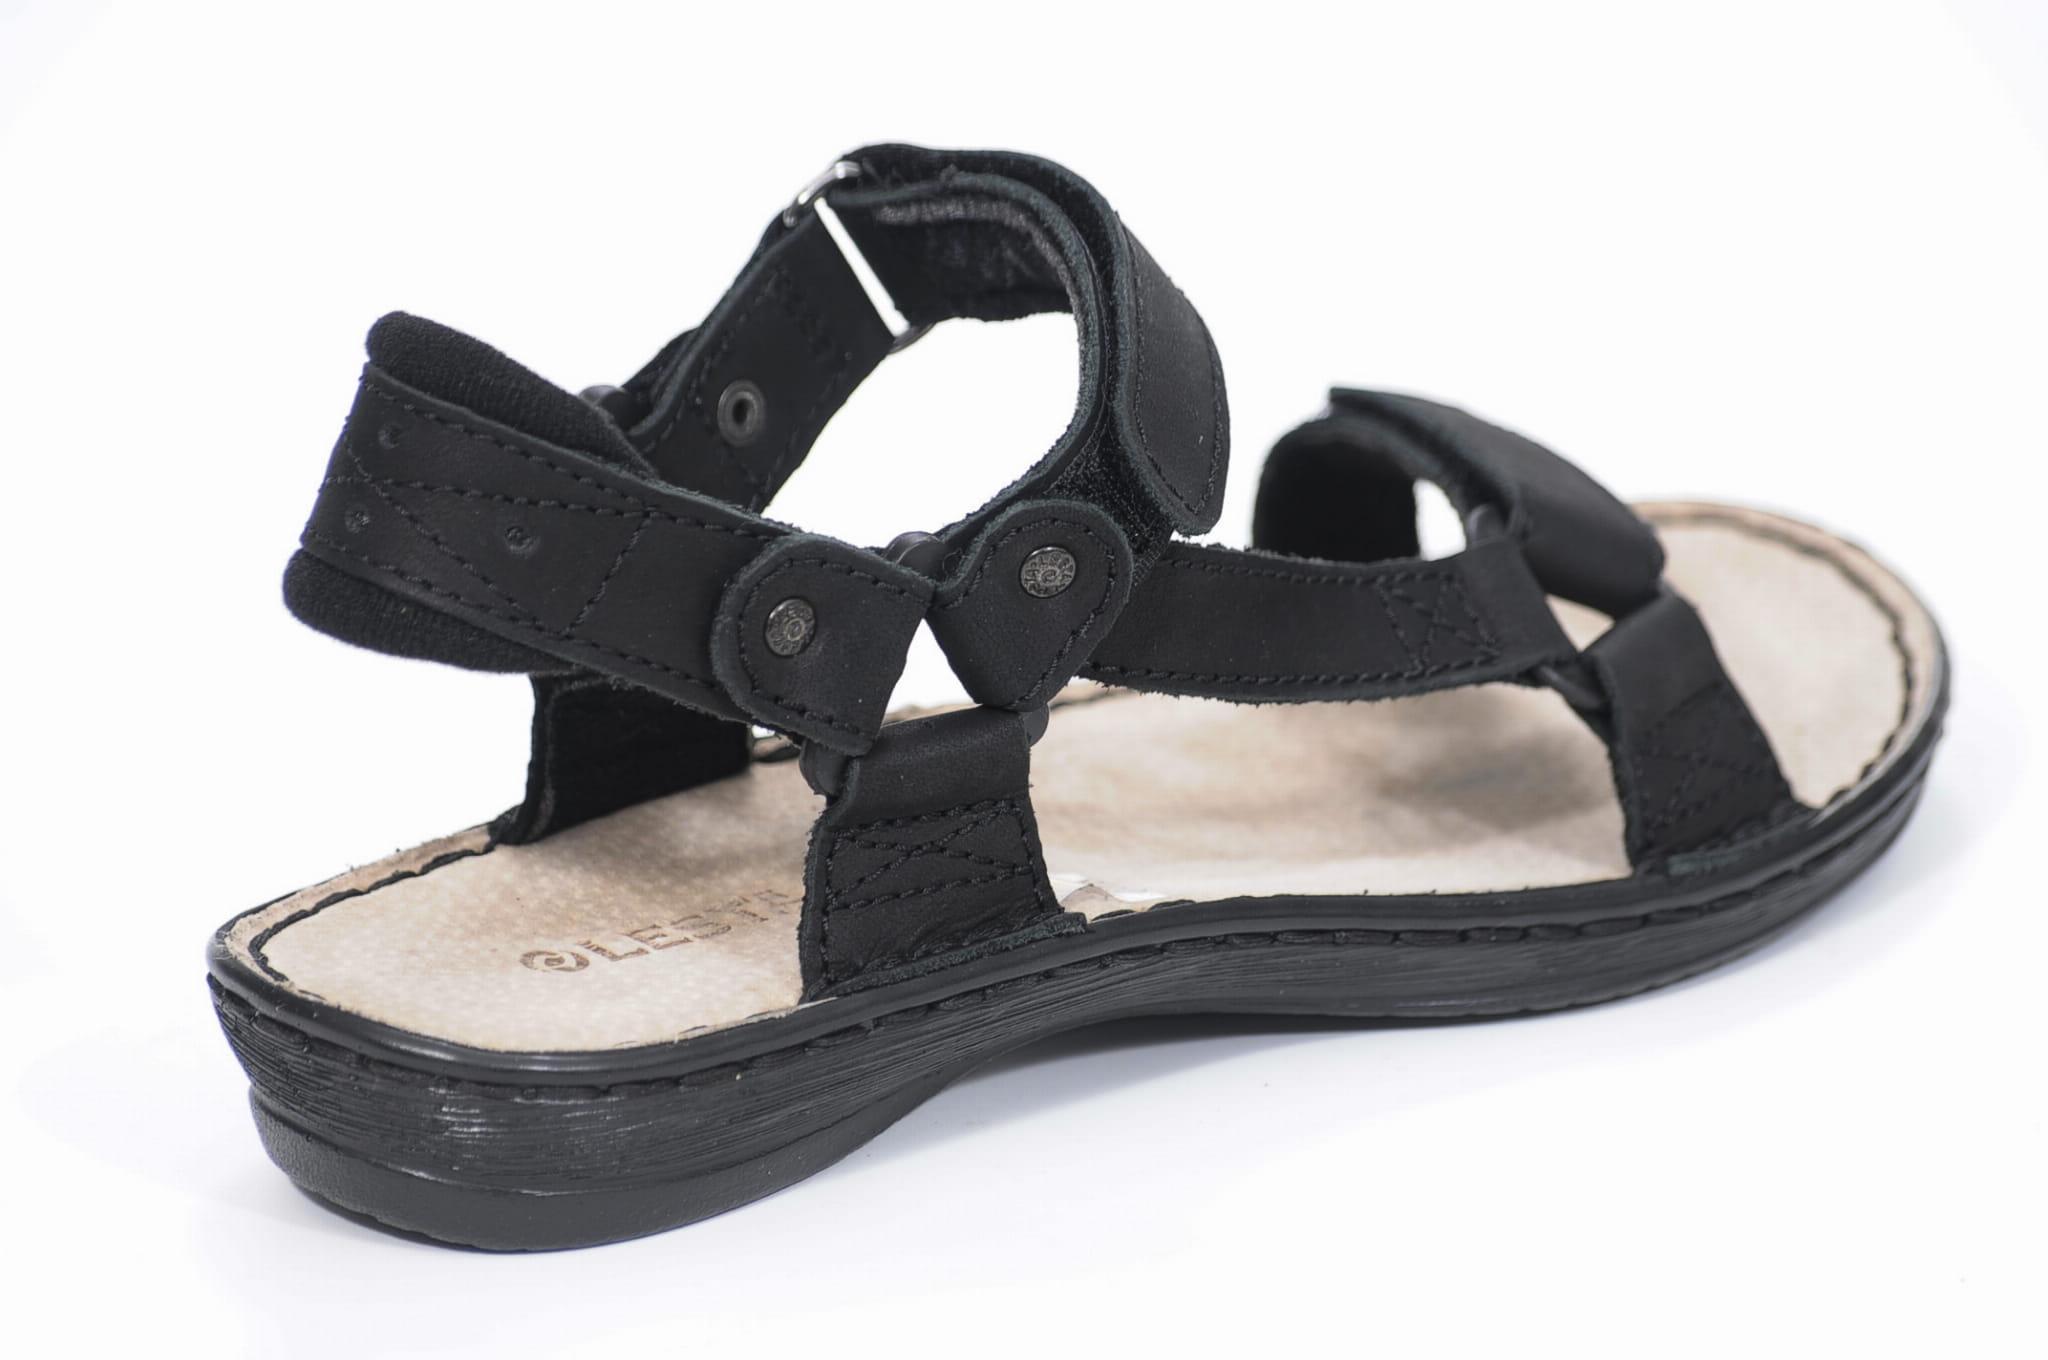 f7c0e8227b003 Sandały Lesta 1165 Czarne Butybuk - internetowy sklep obuwniczy ...